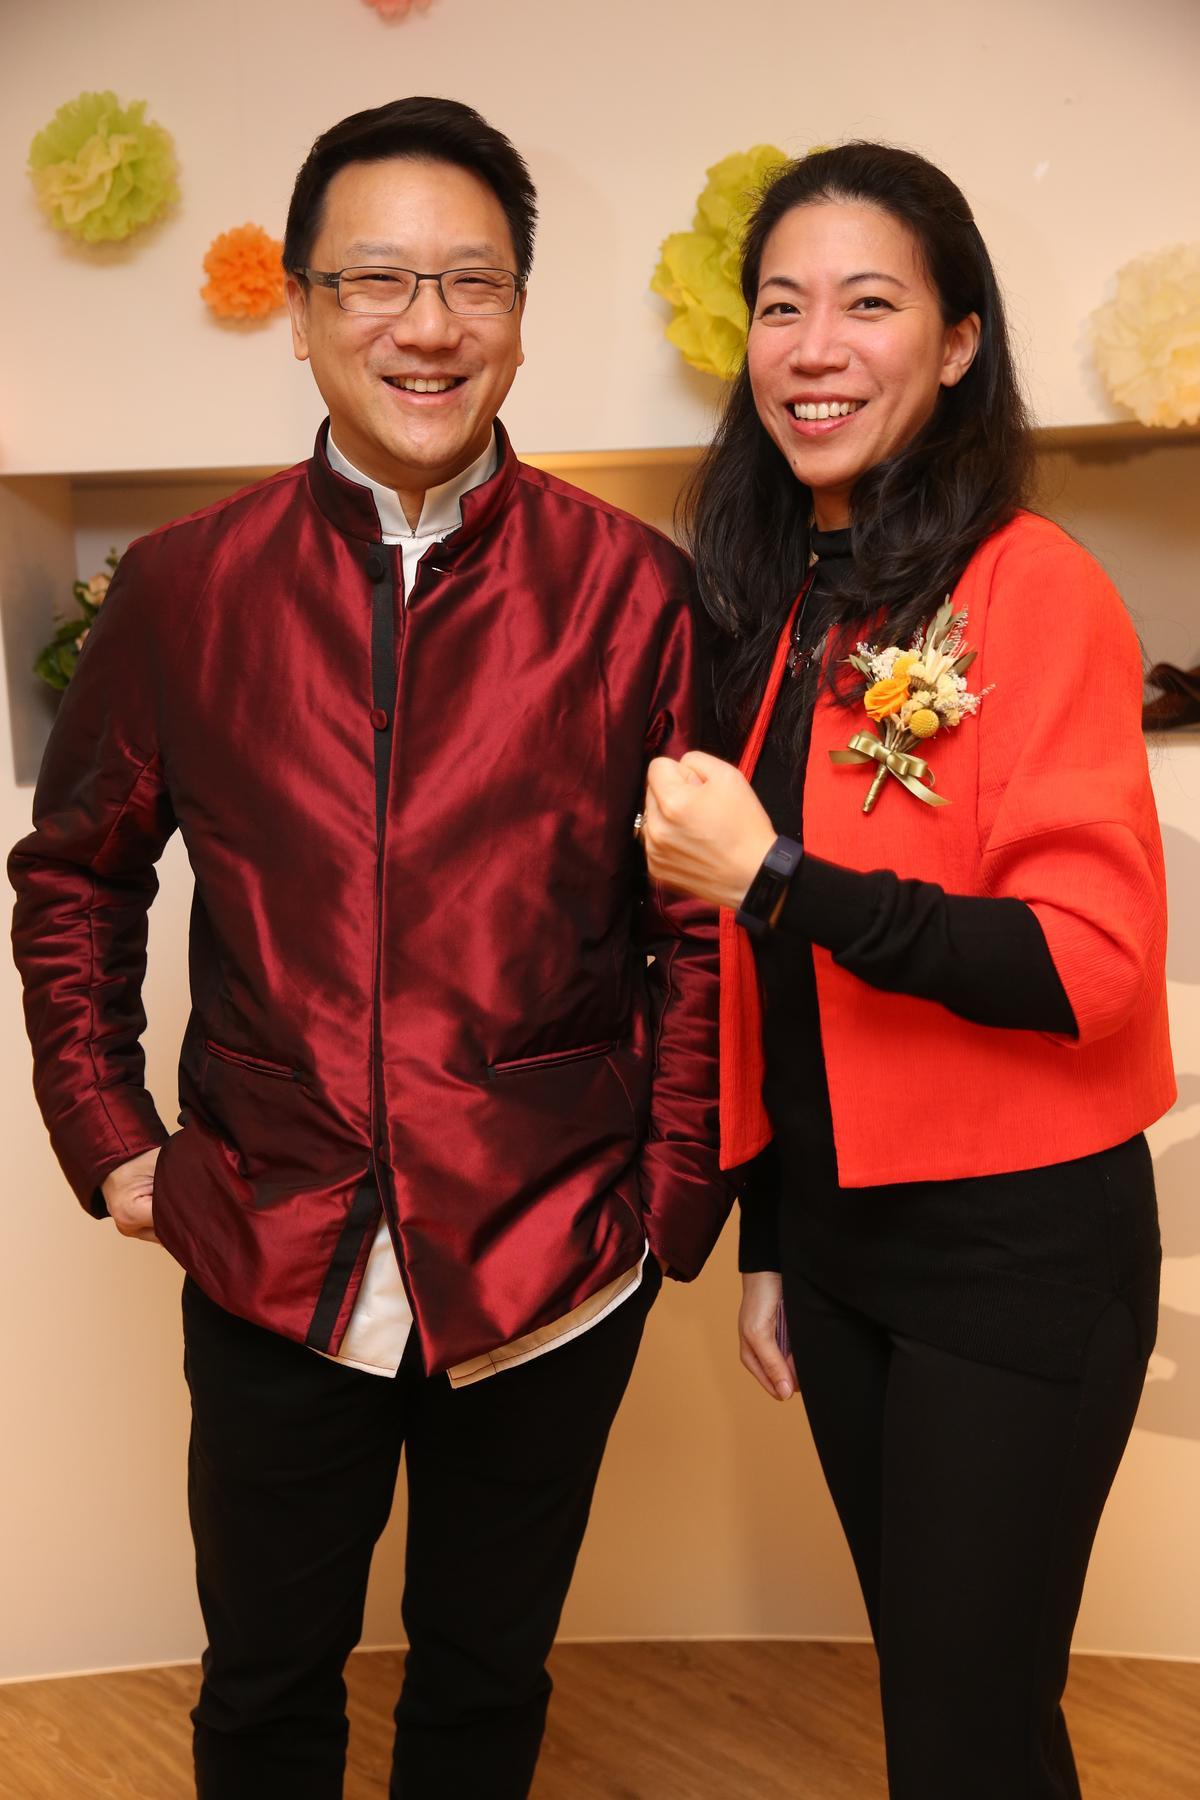 嘉泥董事長張剛綸與嘉泥執行副總經理暨嘉和董事長王立心是表兄妹,2013年起推動老牌水泥集團轉型。